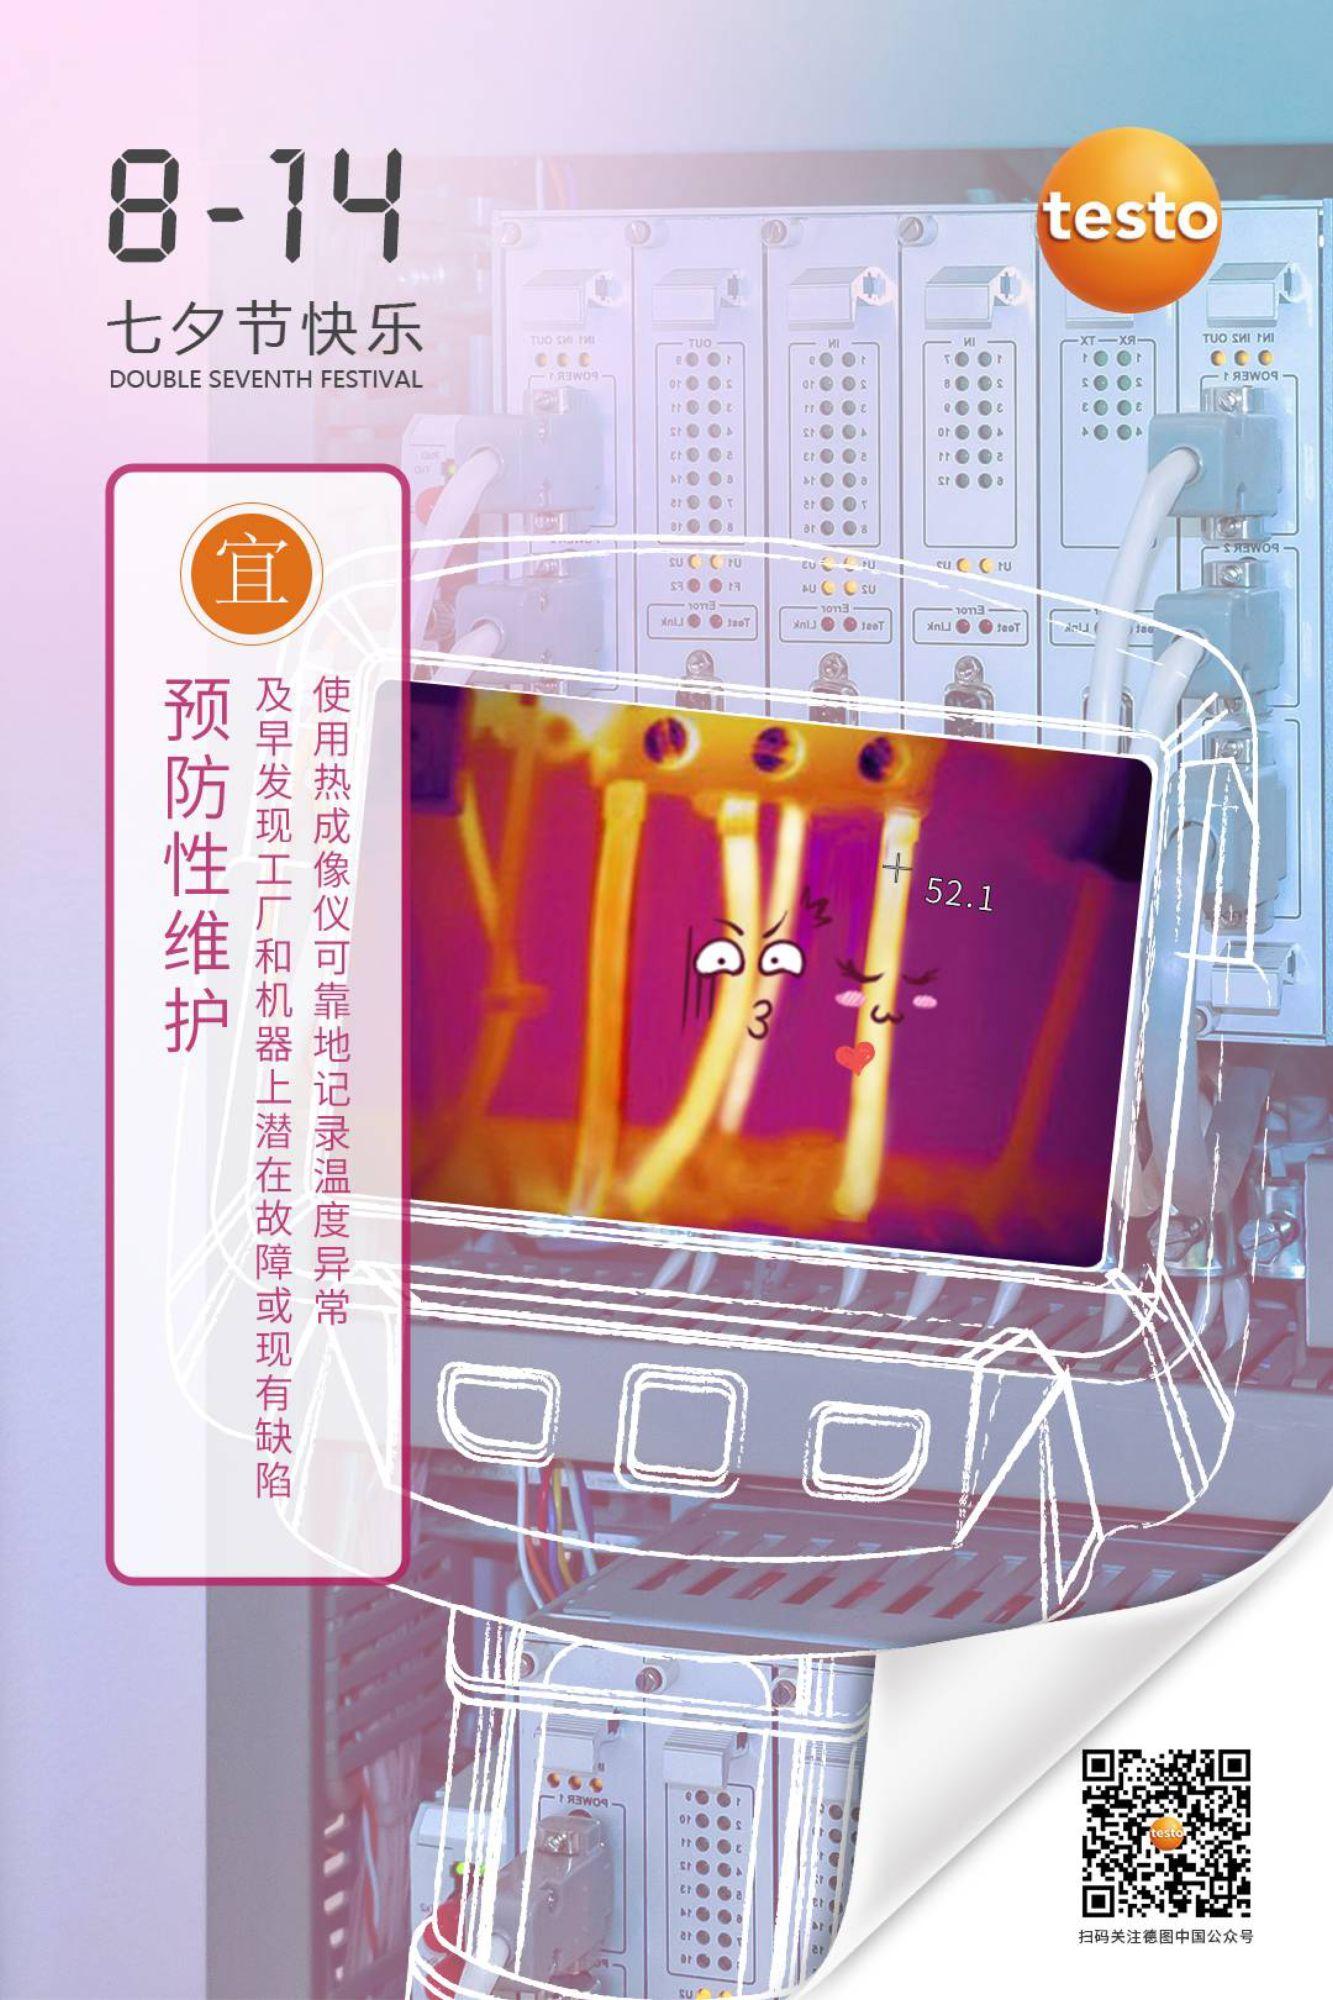 CN_20210812_ot_Newspage_qixi